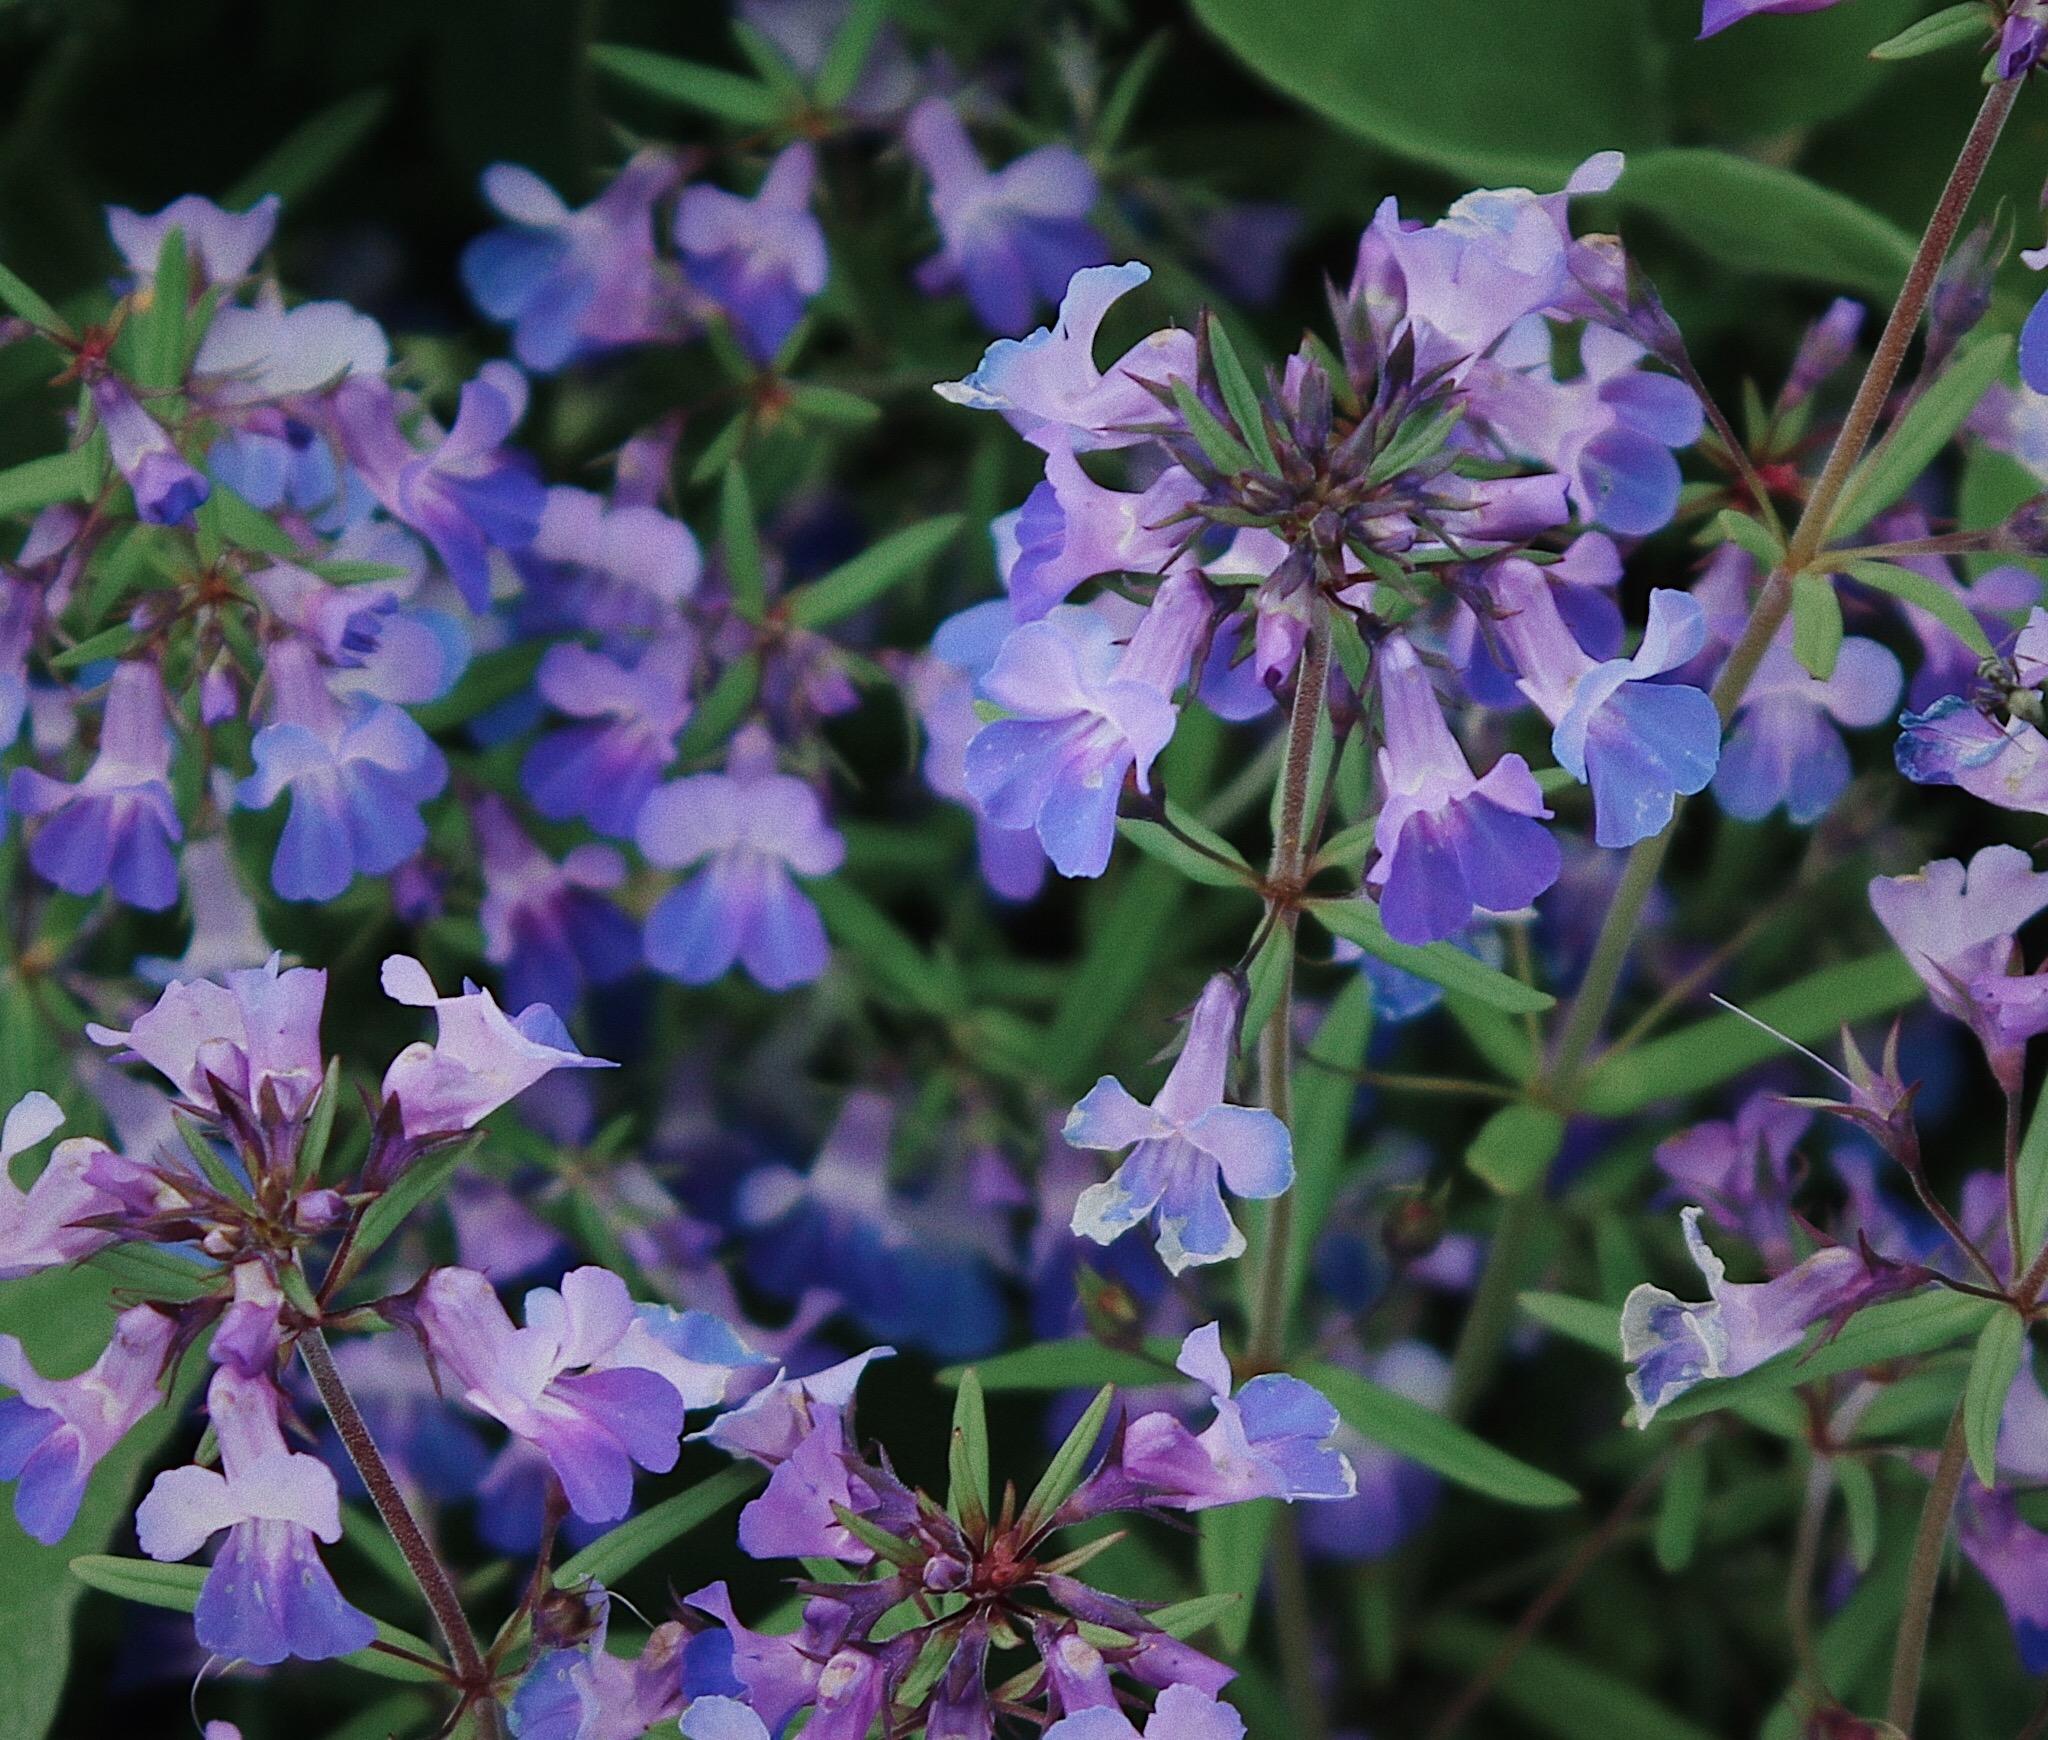 Collinsia grandiflora